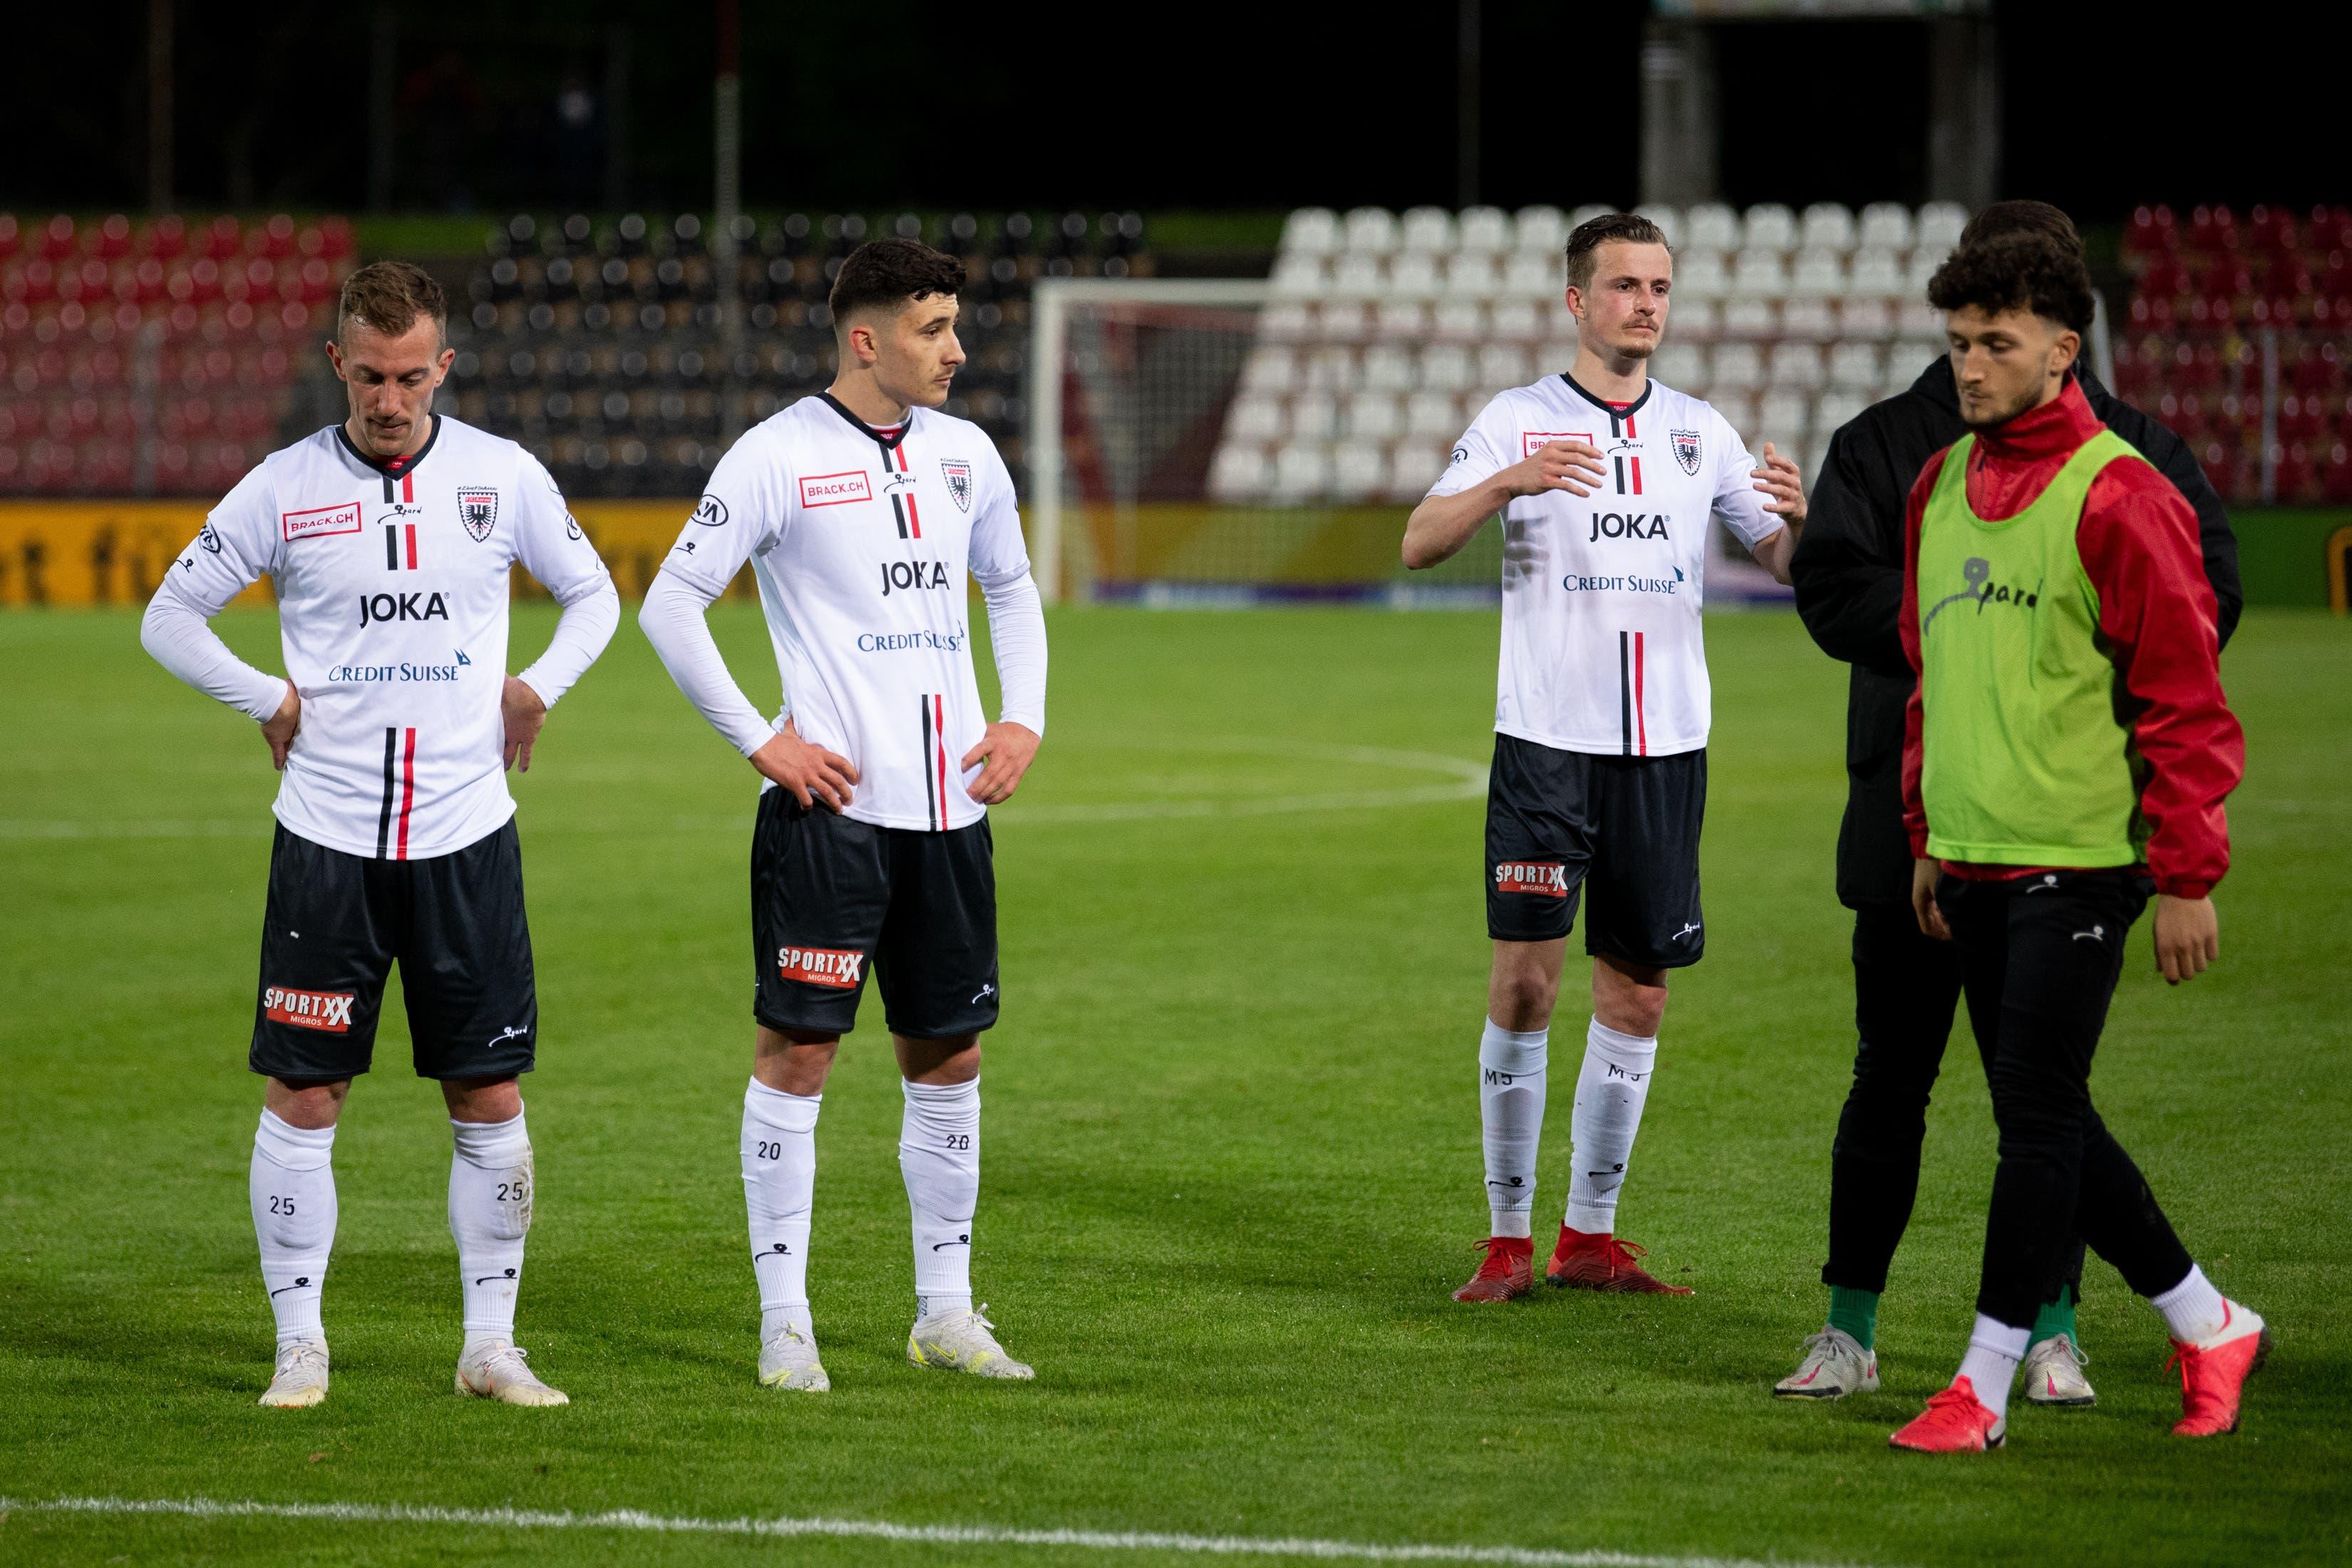 Der FC Aarau unterliegt Lausanne-Ouchy im letzten Spiel der Saison deutlich mit 0:3.